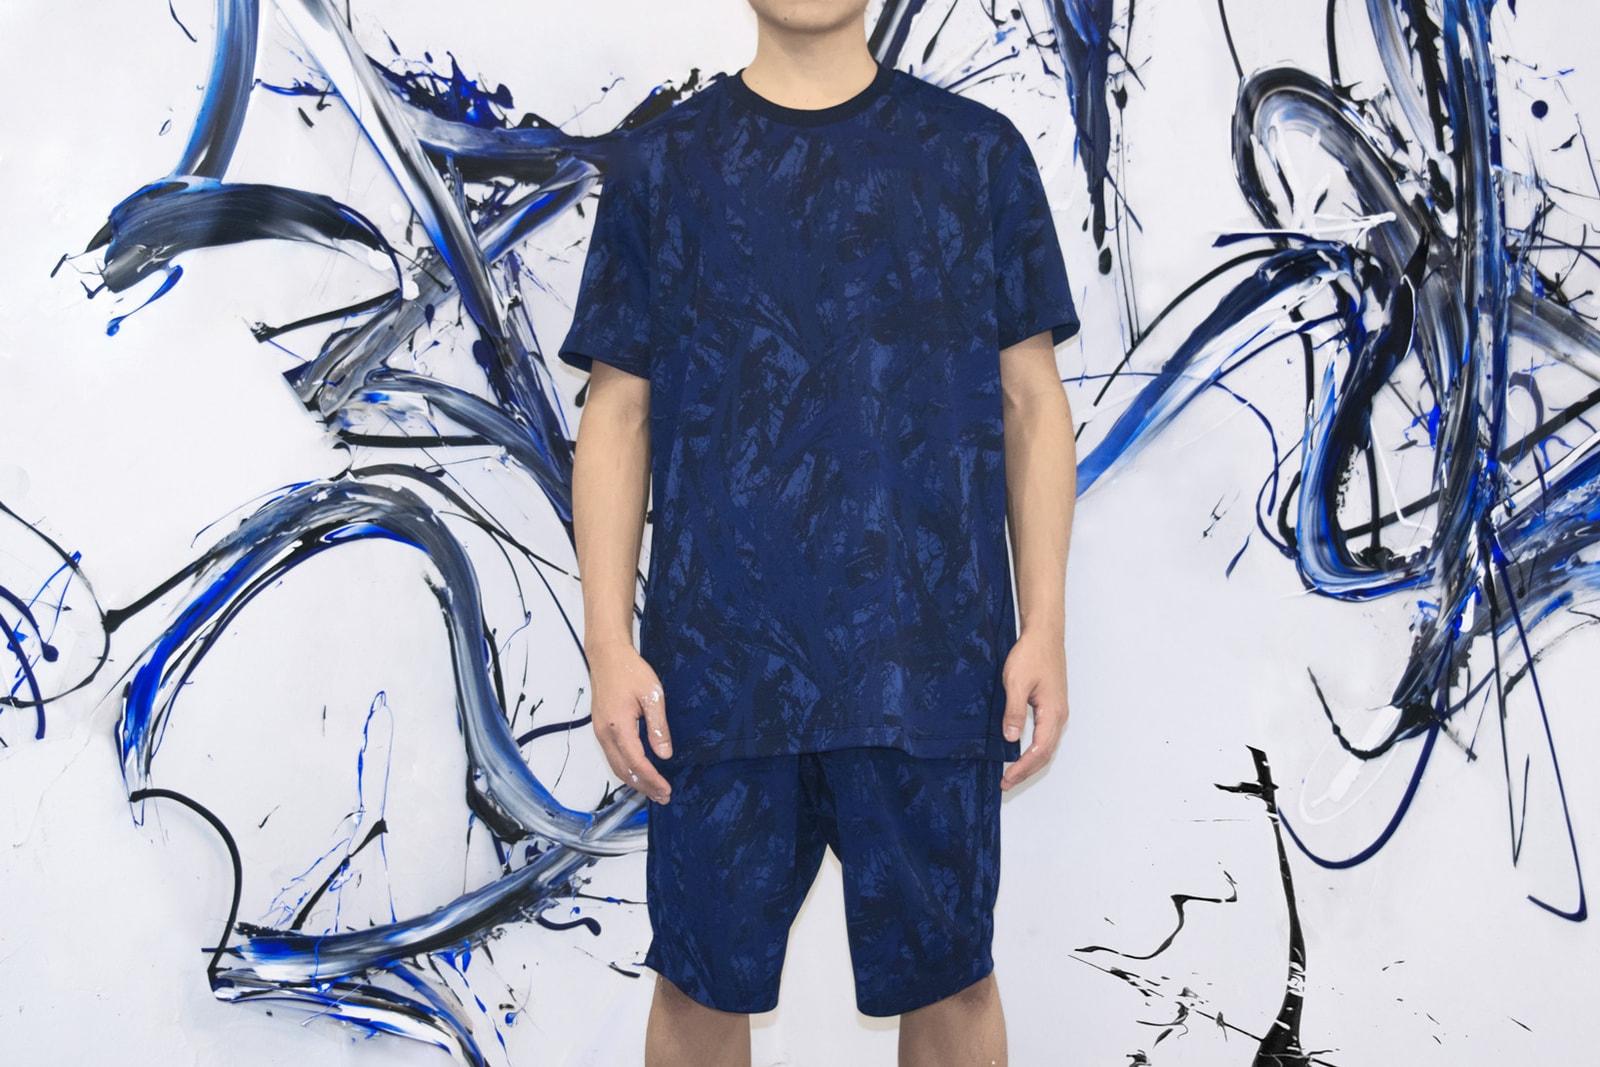 best art drops artworks kaws parra meguru yamaguchi prodip leung how2work kadir nelson